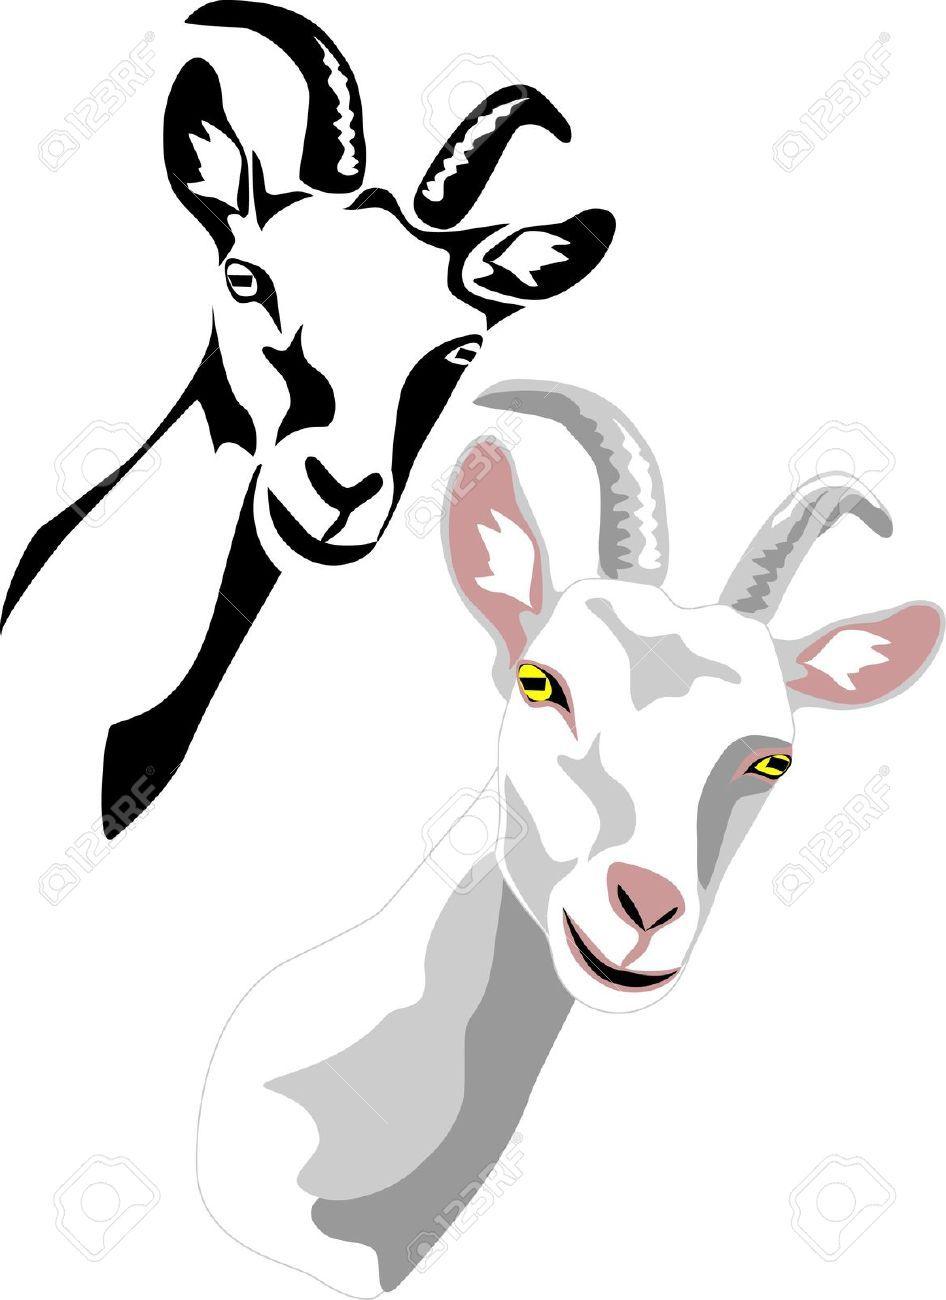 35+ Goat head images clipart ideas